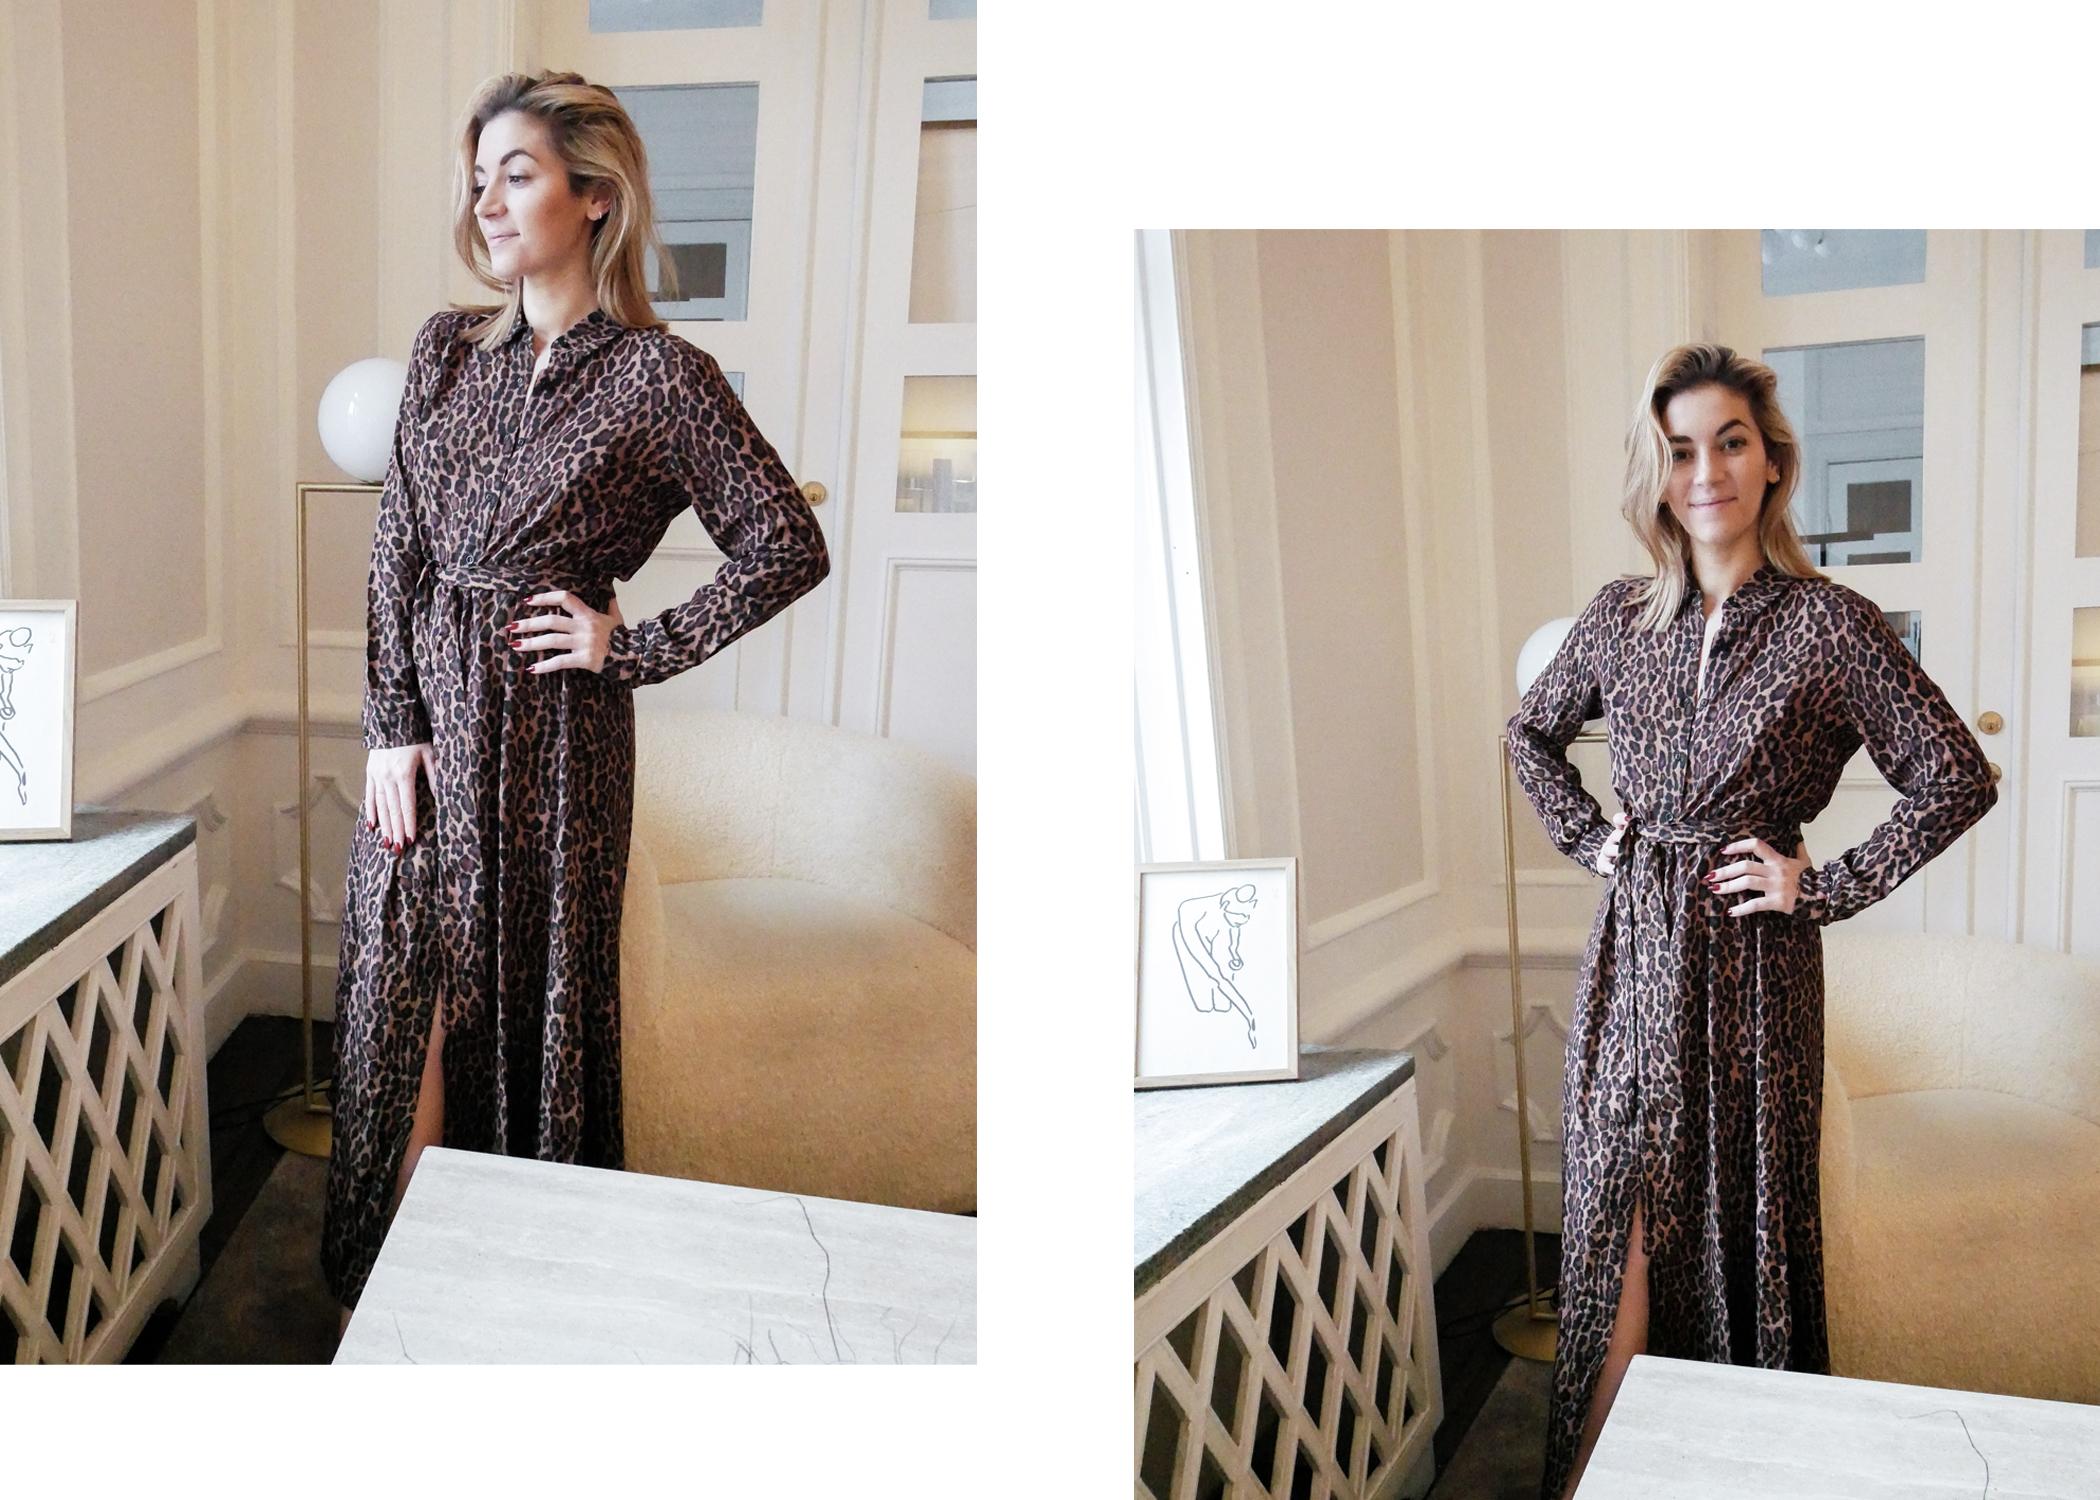 Den här klänningen är också en riktig vinnare. Så mjuk och behöver inte  strykas utan kan bara slängas på direkt. Leopard är ju ett mönster som  håller i sig ... 71fa8b937421b